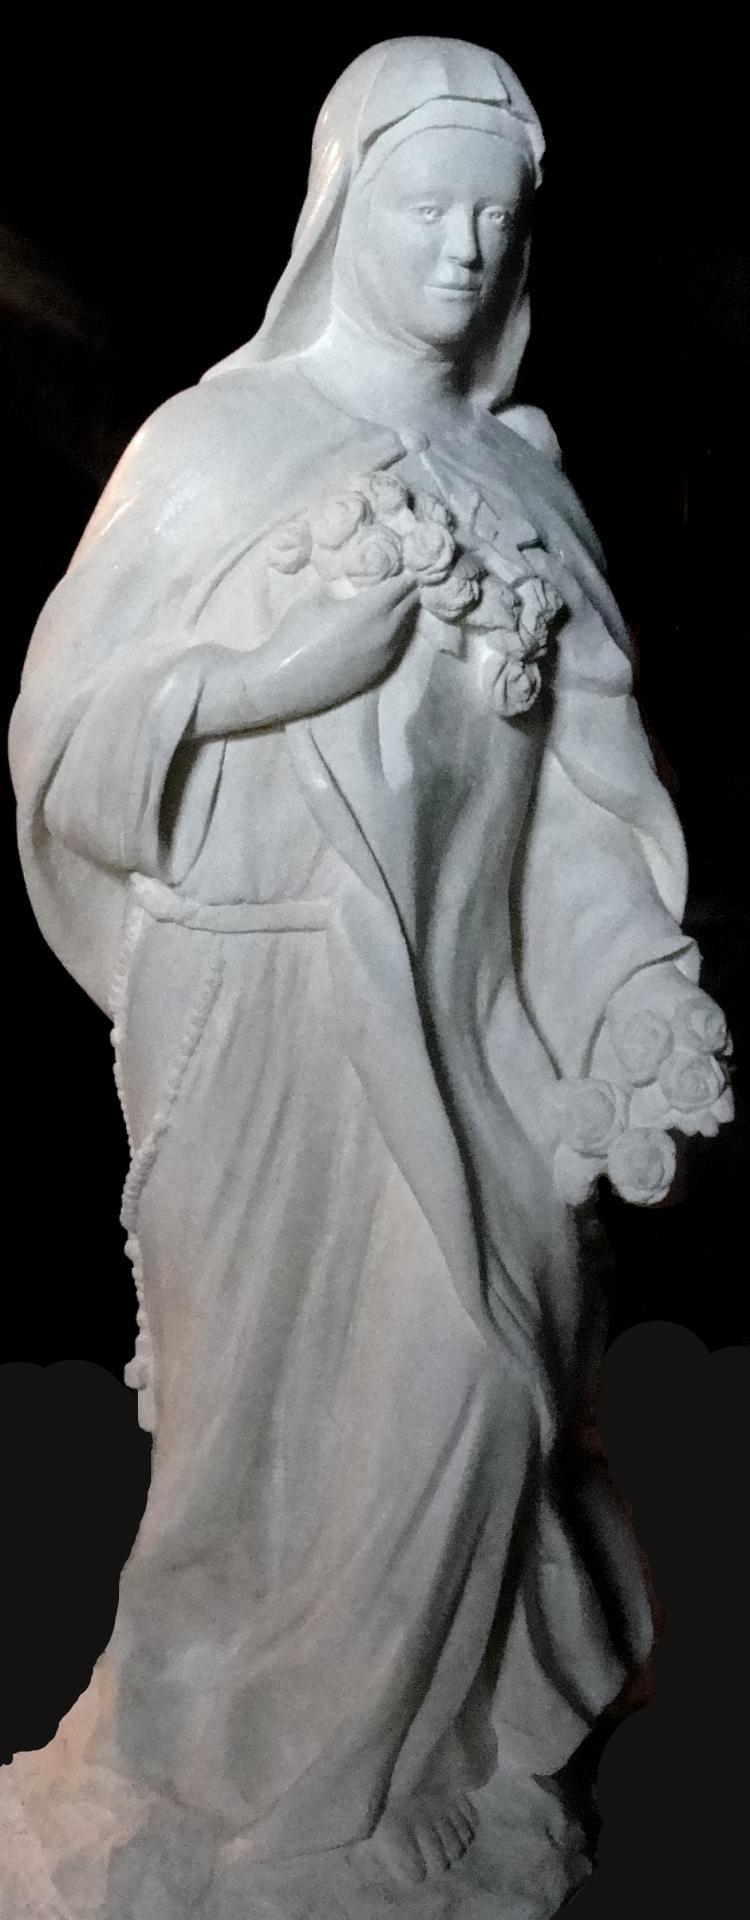 Sculpture sur pierre, statue de Ste Thérèse en ronde bosse, 2